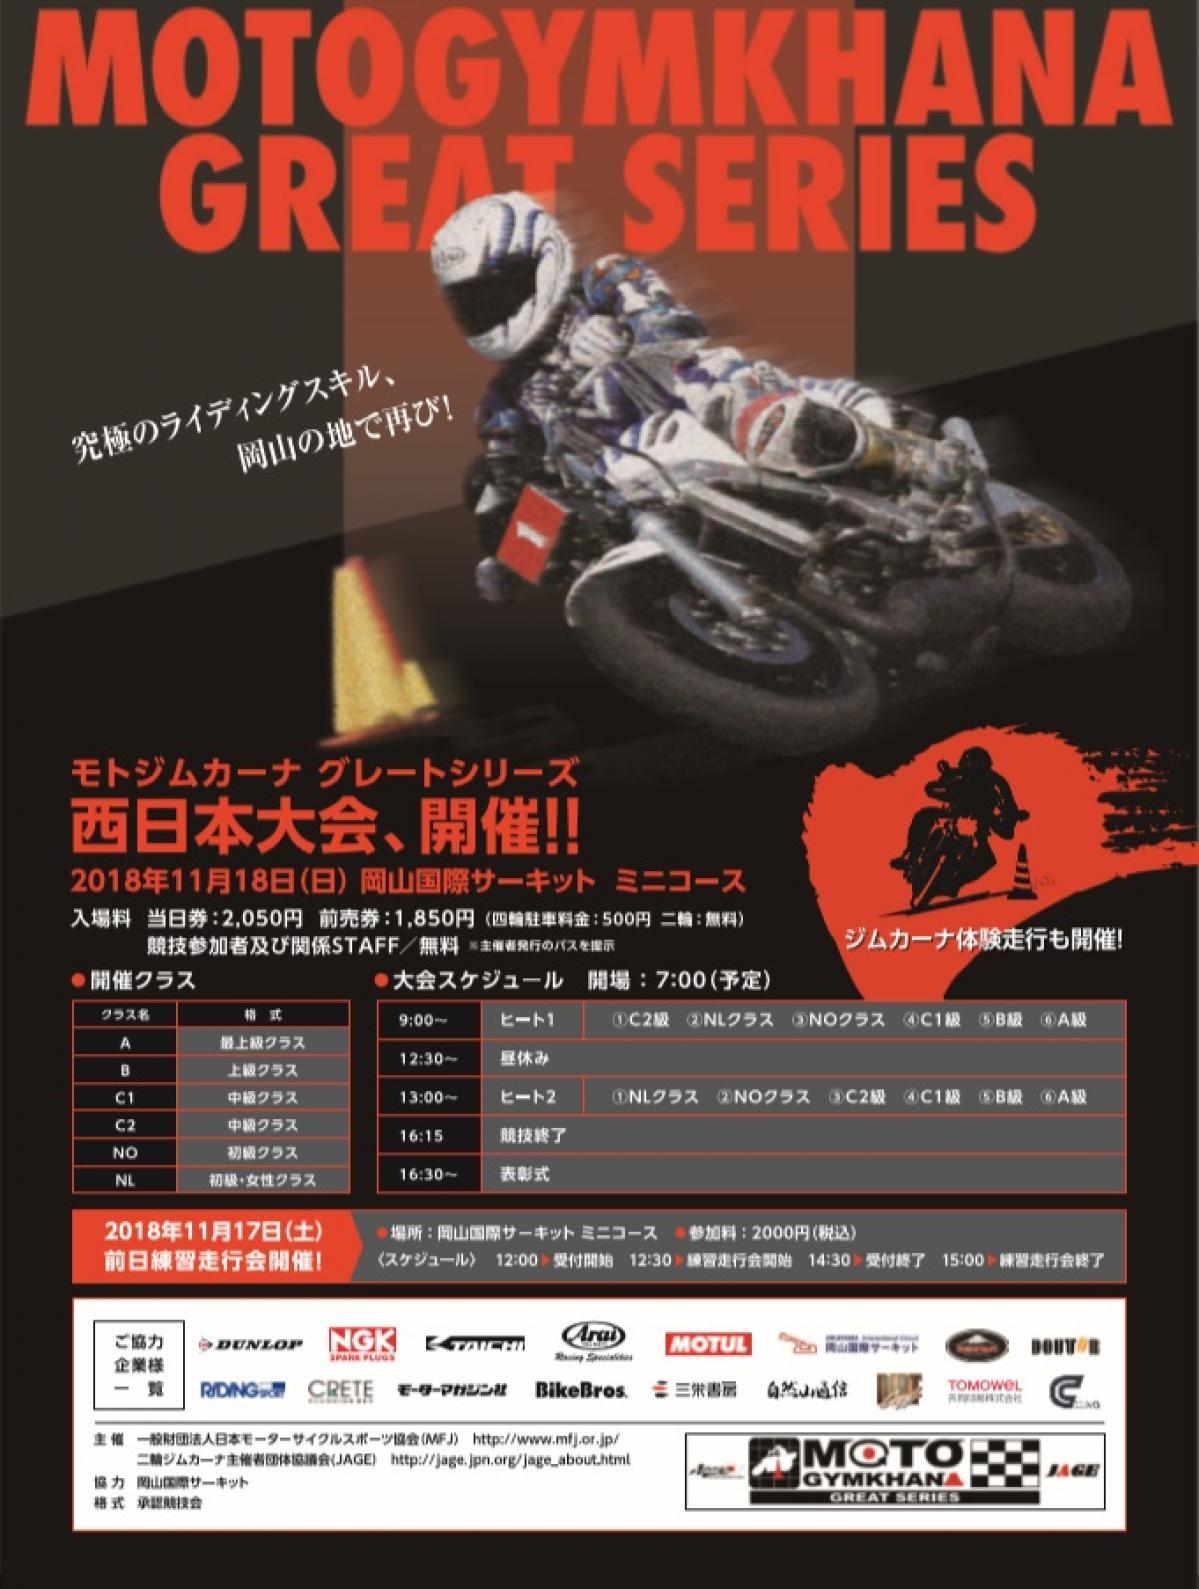 モトジムカーナ グレートシリーズ 西日本大会、11月18日(日)開催